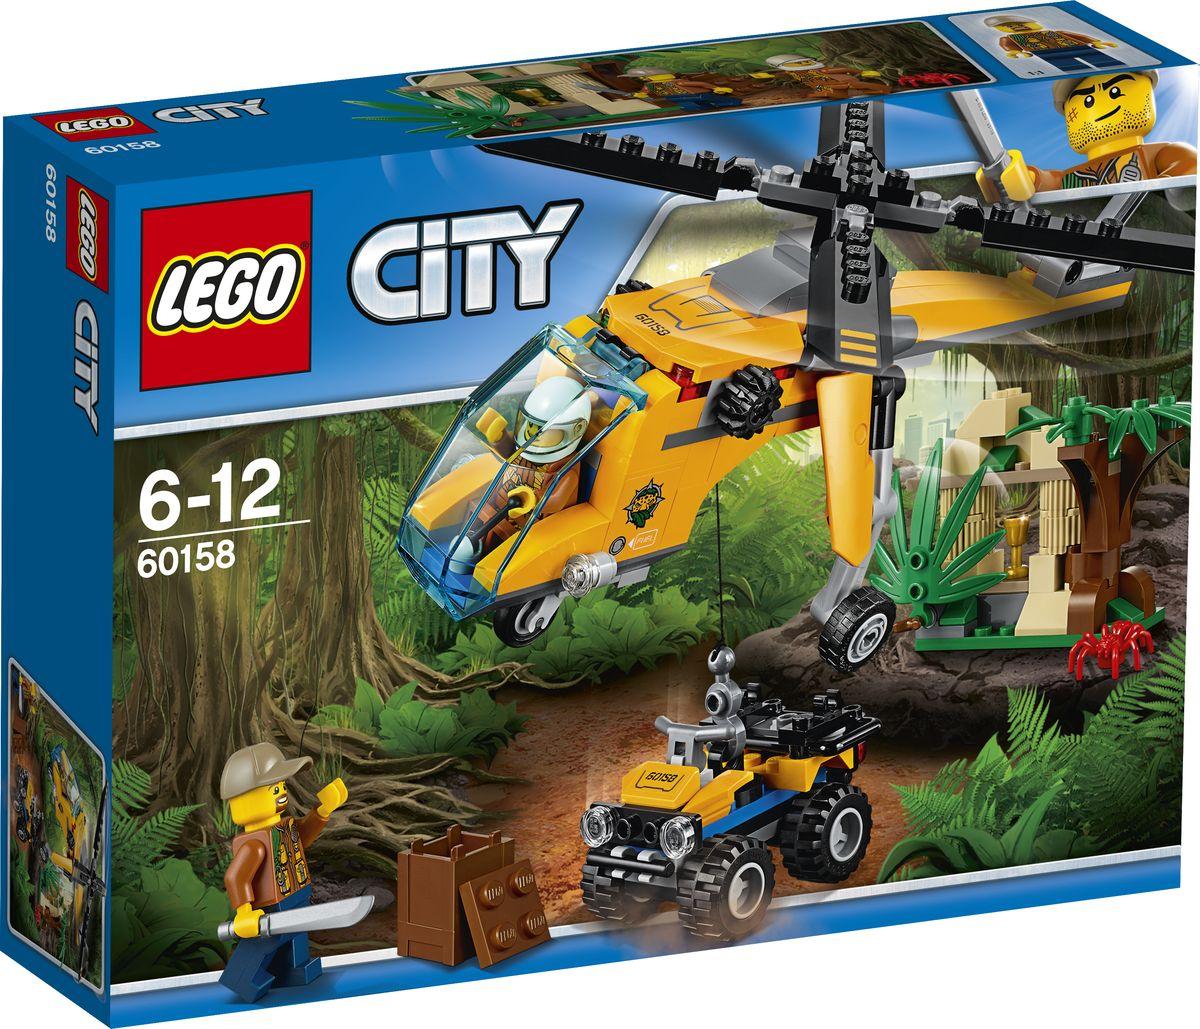 LEGO City Jungle Explorer Конструктор Грузовой вертолет исследователей джунглей 60158 конструкторы lego lego city jungle explorer база исследователей джунглей 60161